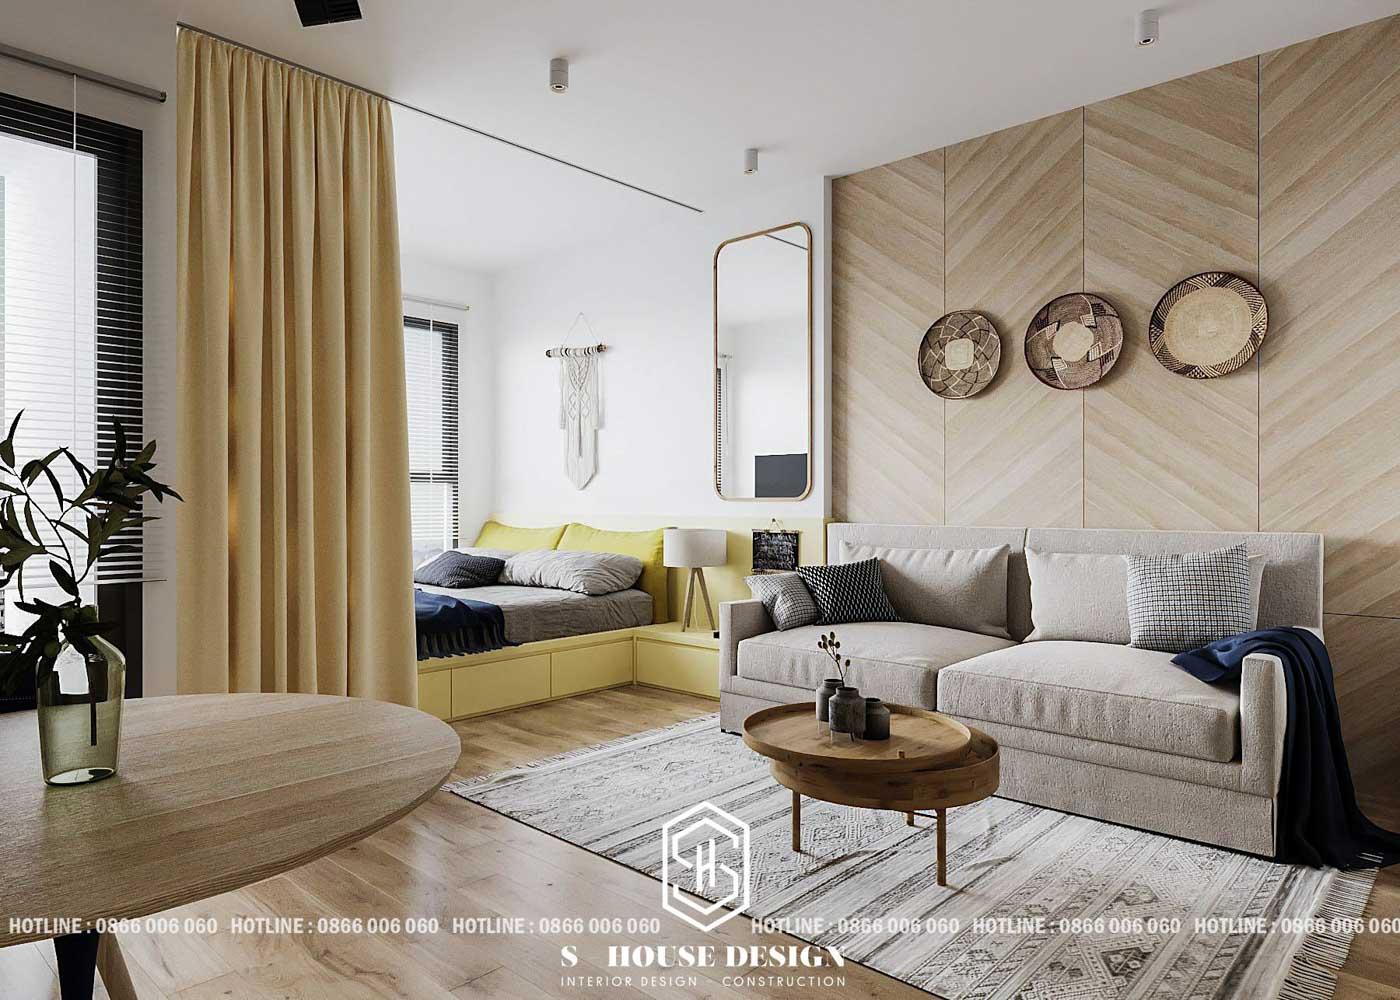 Mẹo thiết kế nội thất cho căn hộ siêu nhỏ tại Sài Gòn